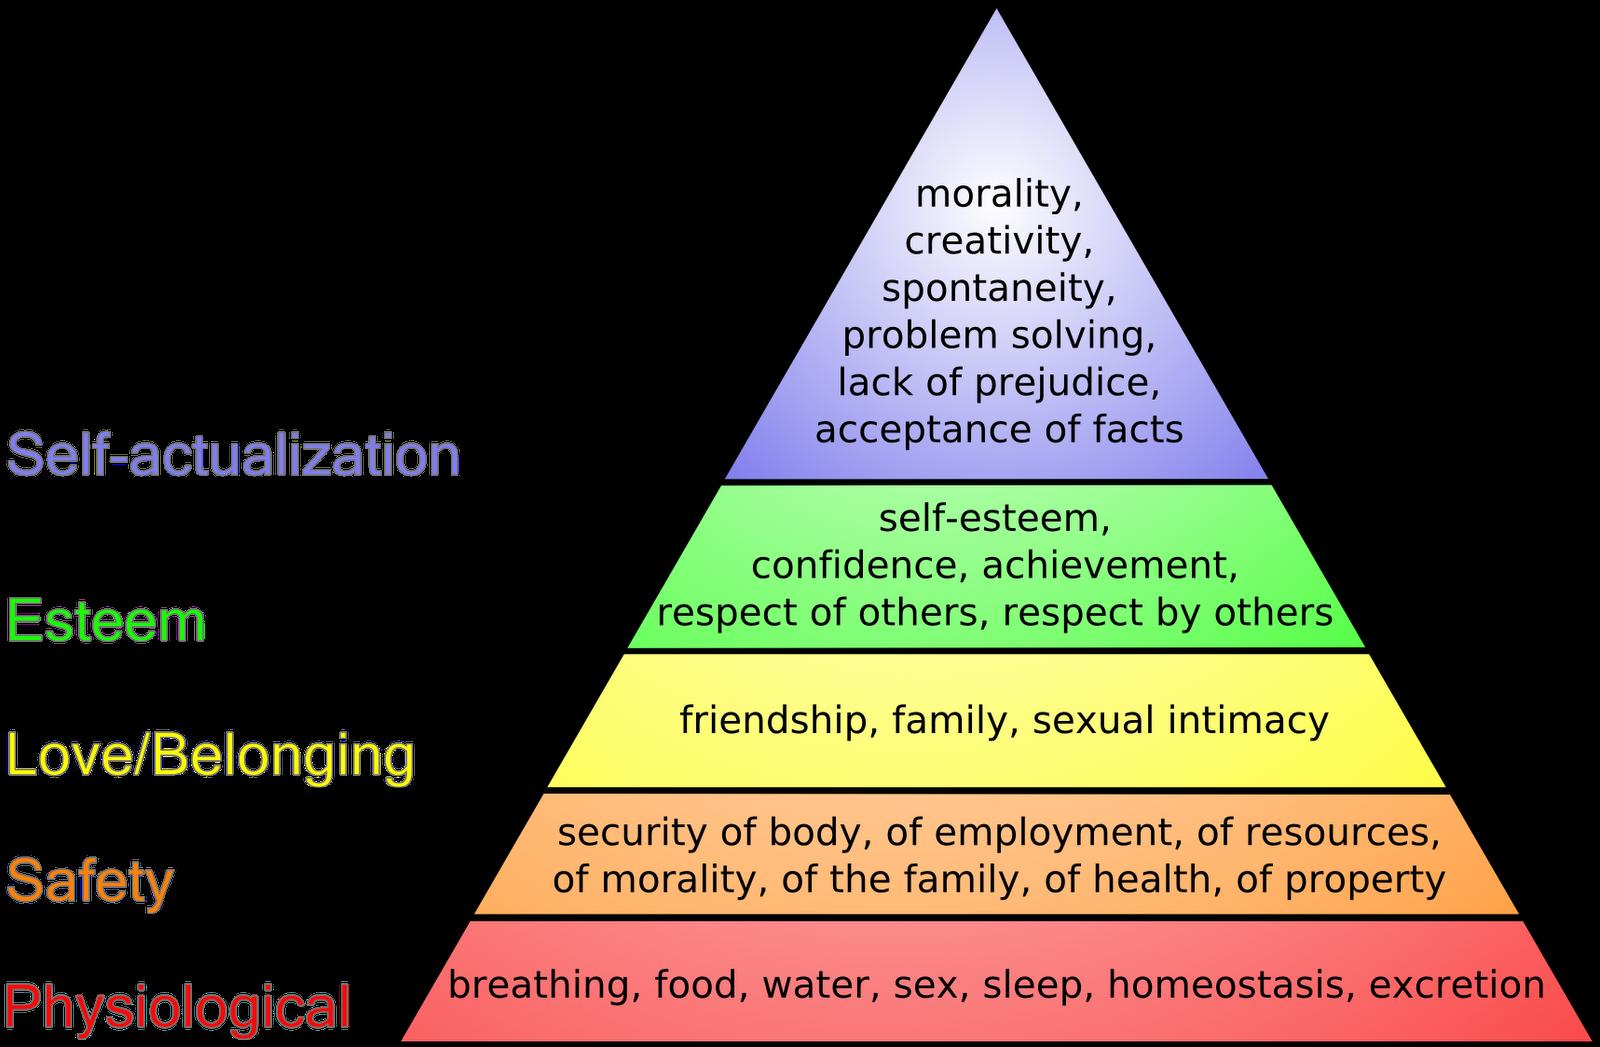 http://4.bp.blogspot.com/_2rAqWj6gAUs/TPC959y4Y_I/AAAAAAAAABg/PNaglC3q-rc/s1600/maslows_hierarchy_of_needs2.png